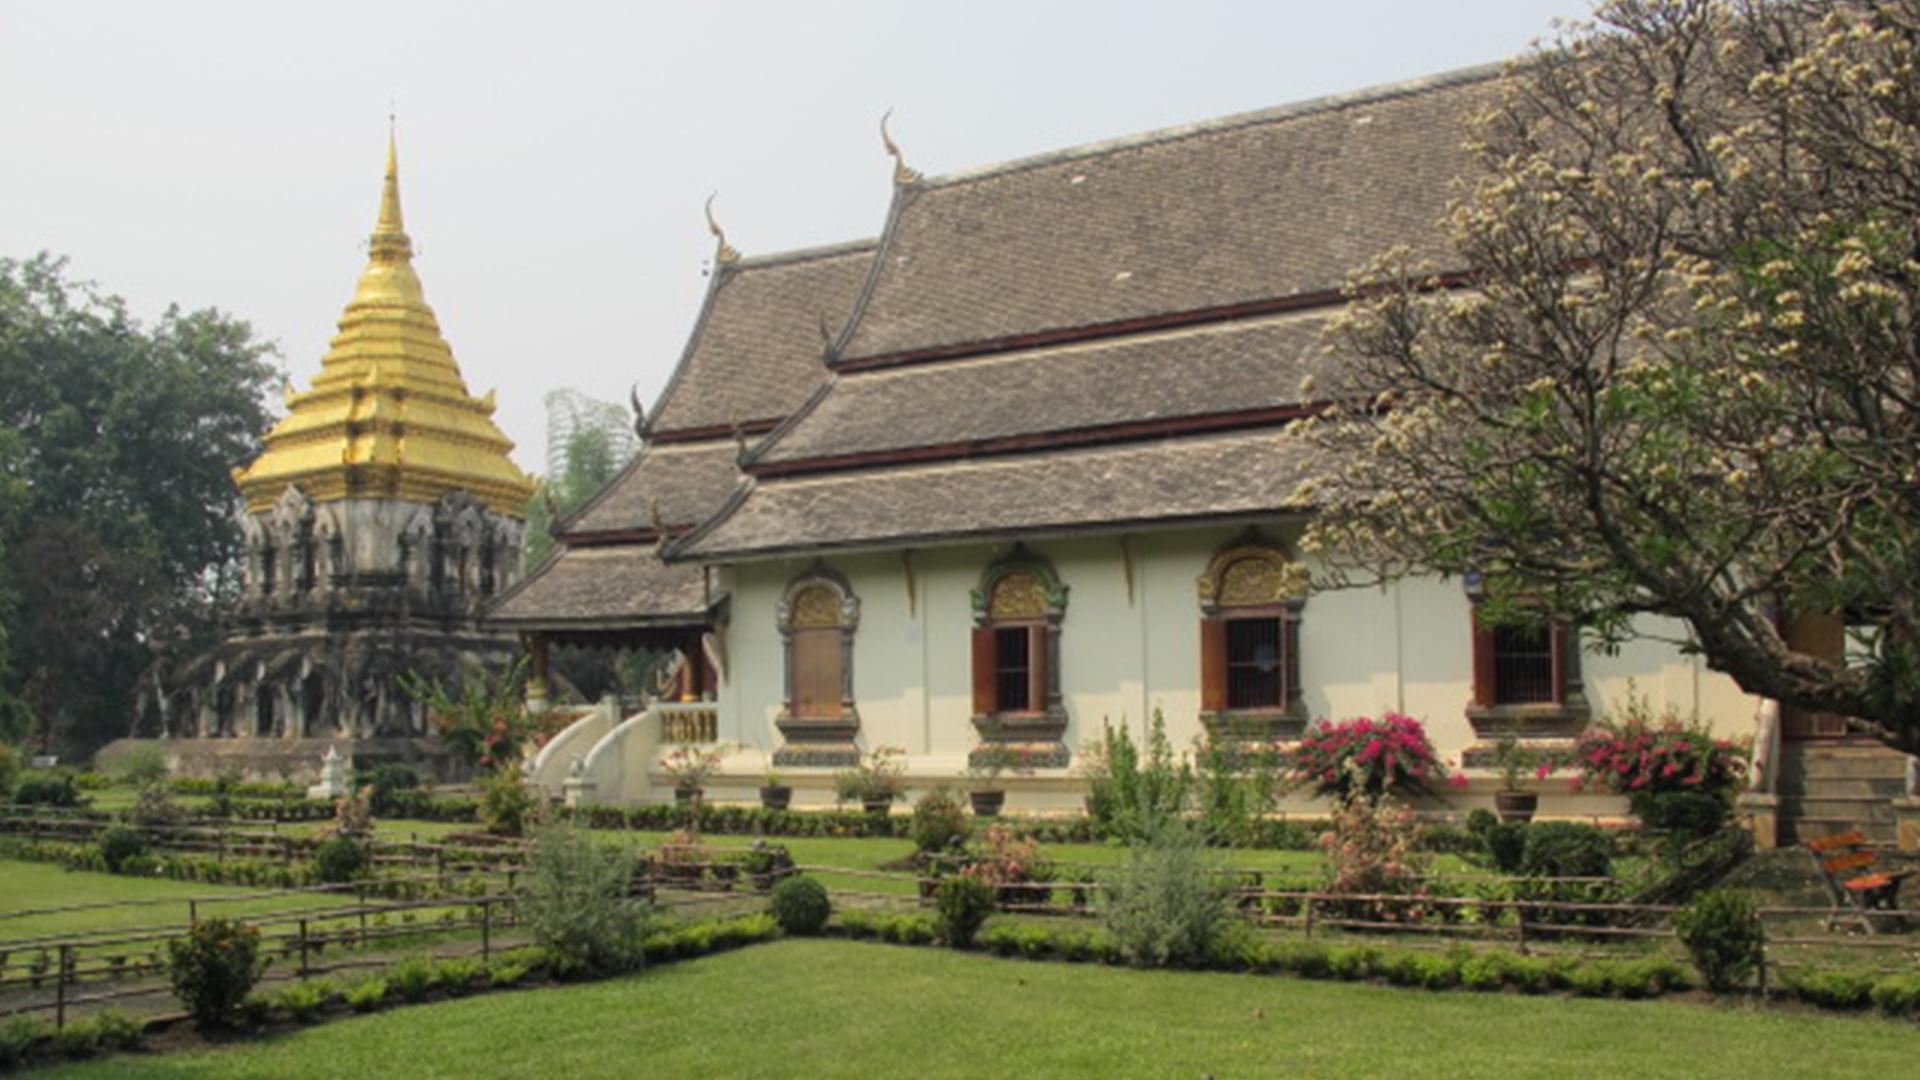 Nord della Thailandia: Monastero del Buddha Leone